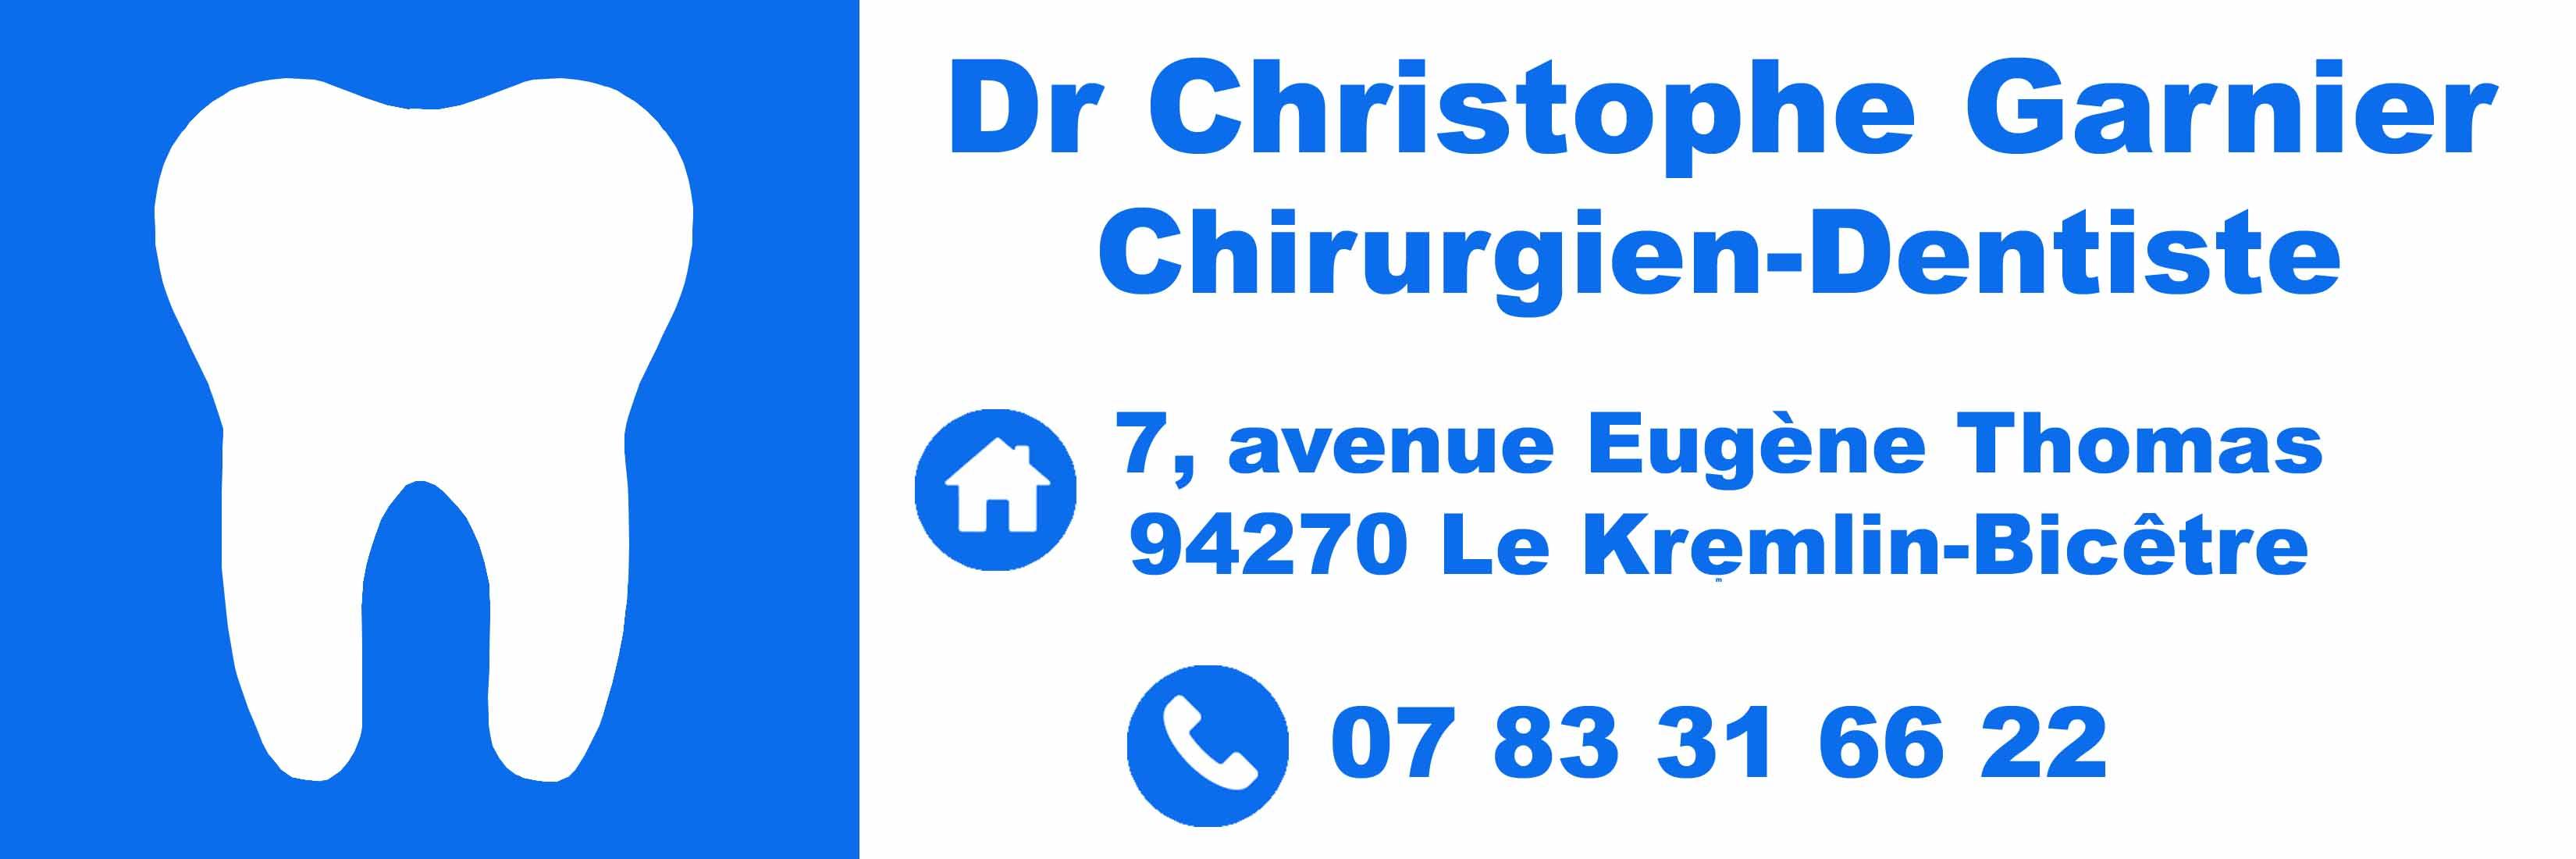 logo-cabinet-dentaire-dentiste-docteur-garnier-kremlin-bicetre-kb-villejuif